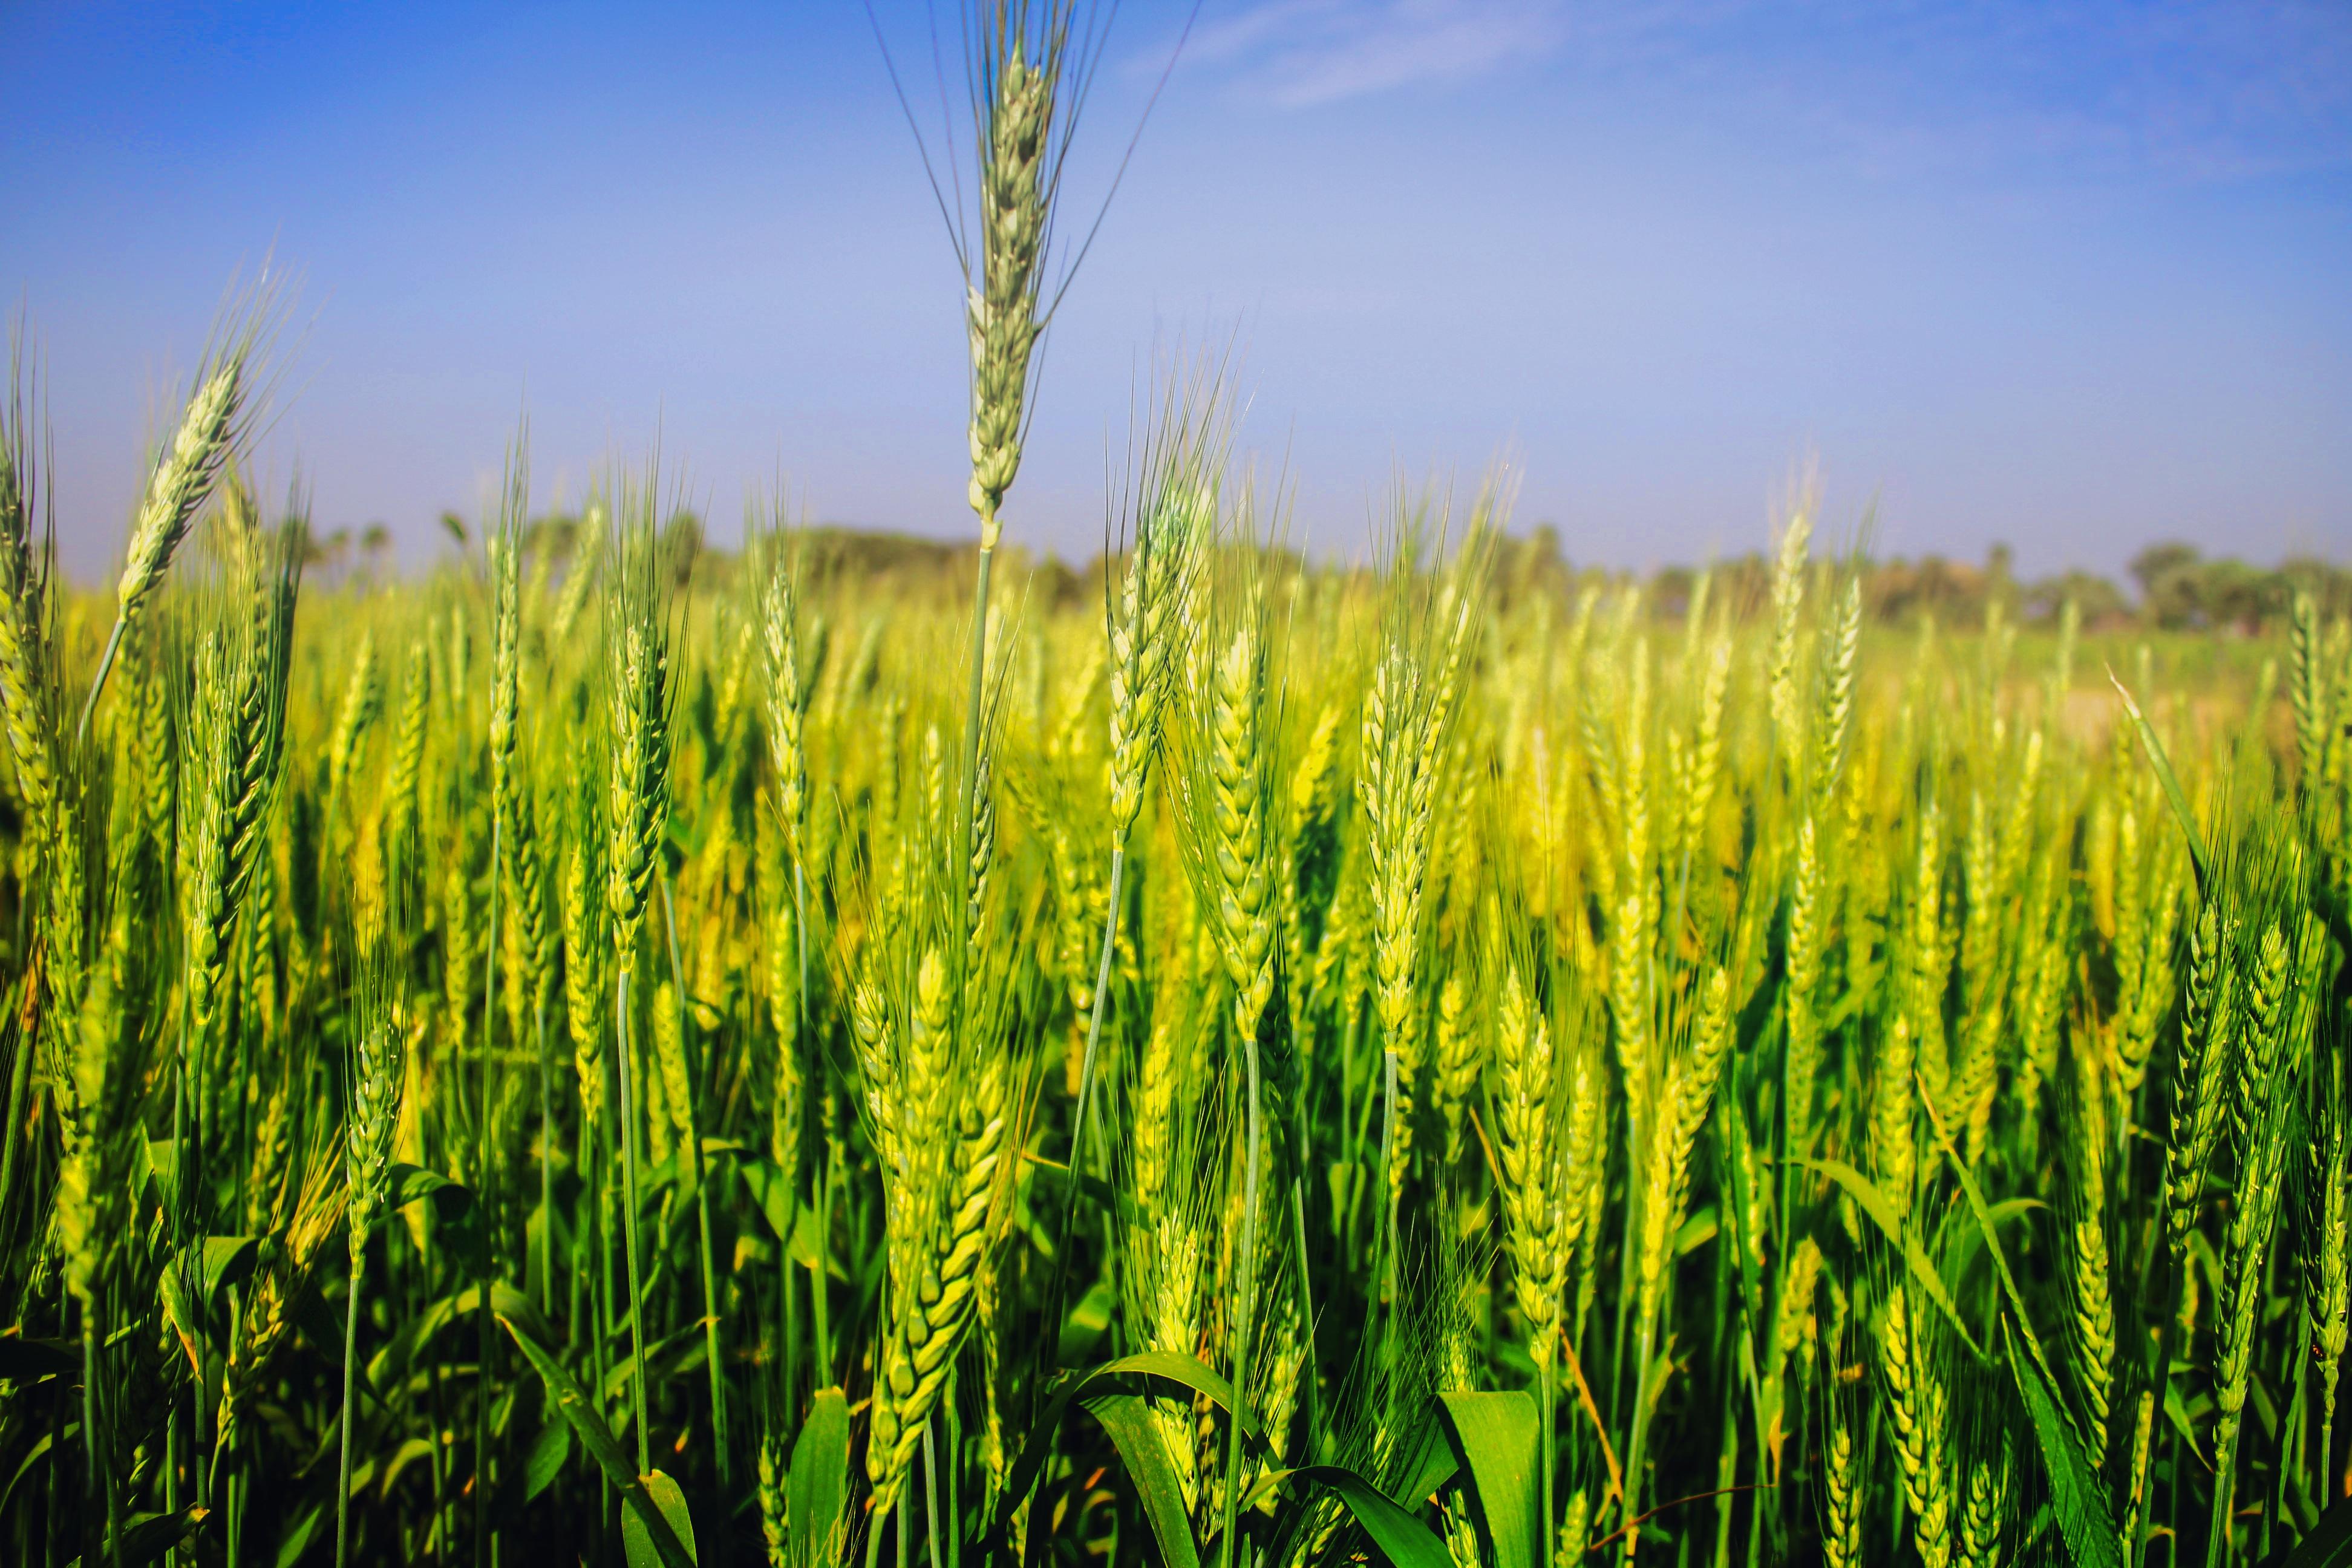 Картинка зерновых культур